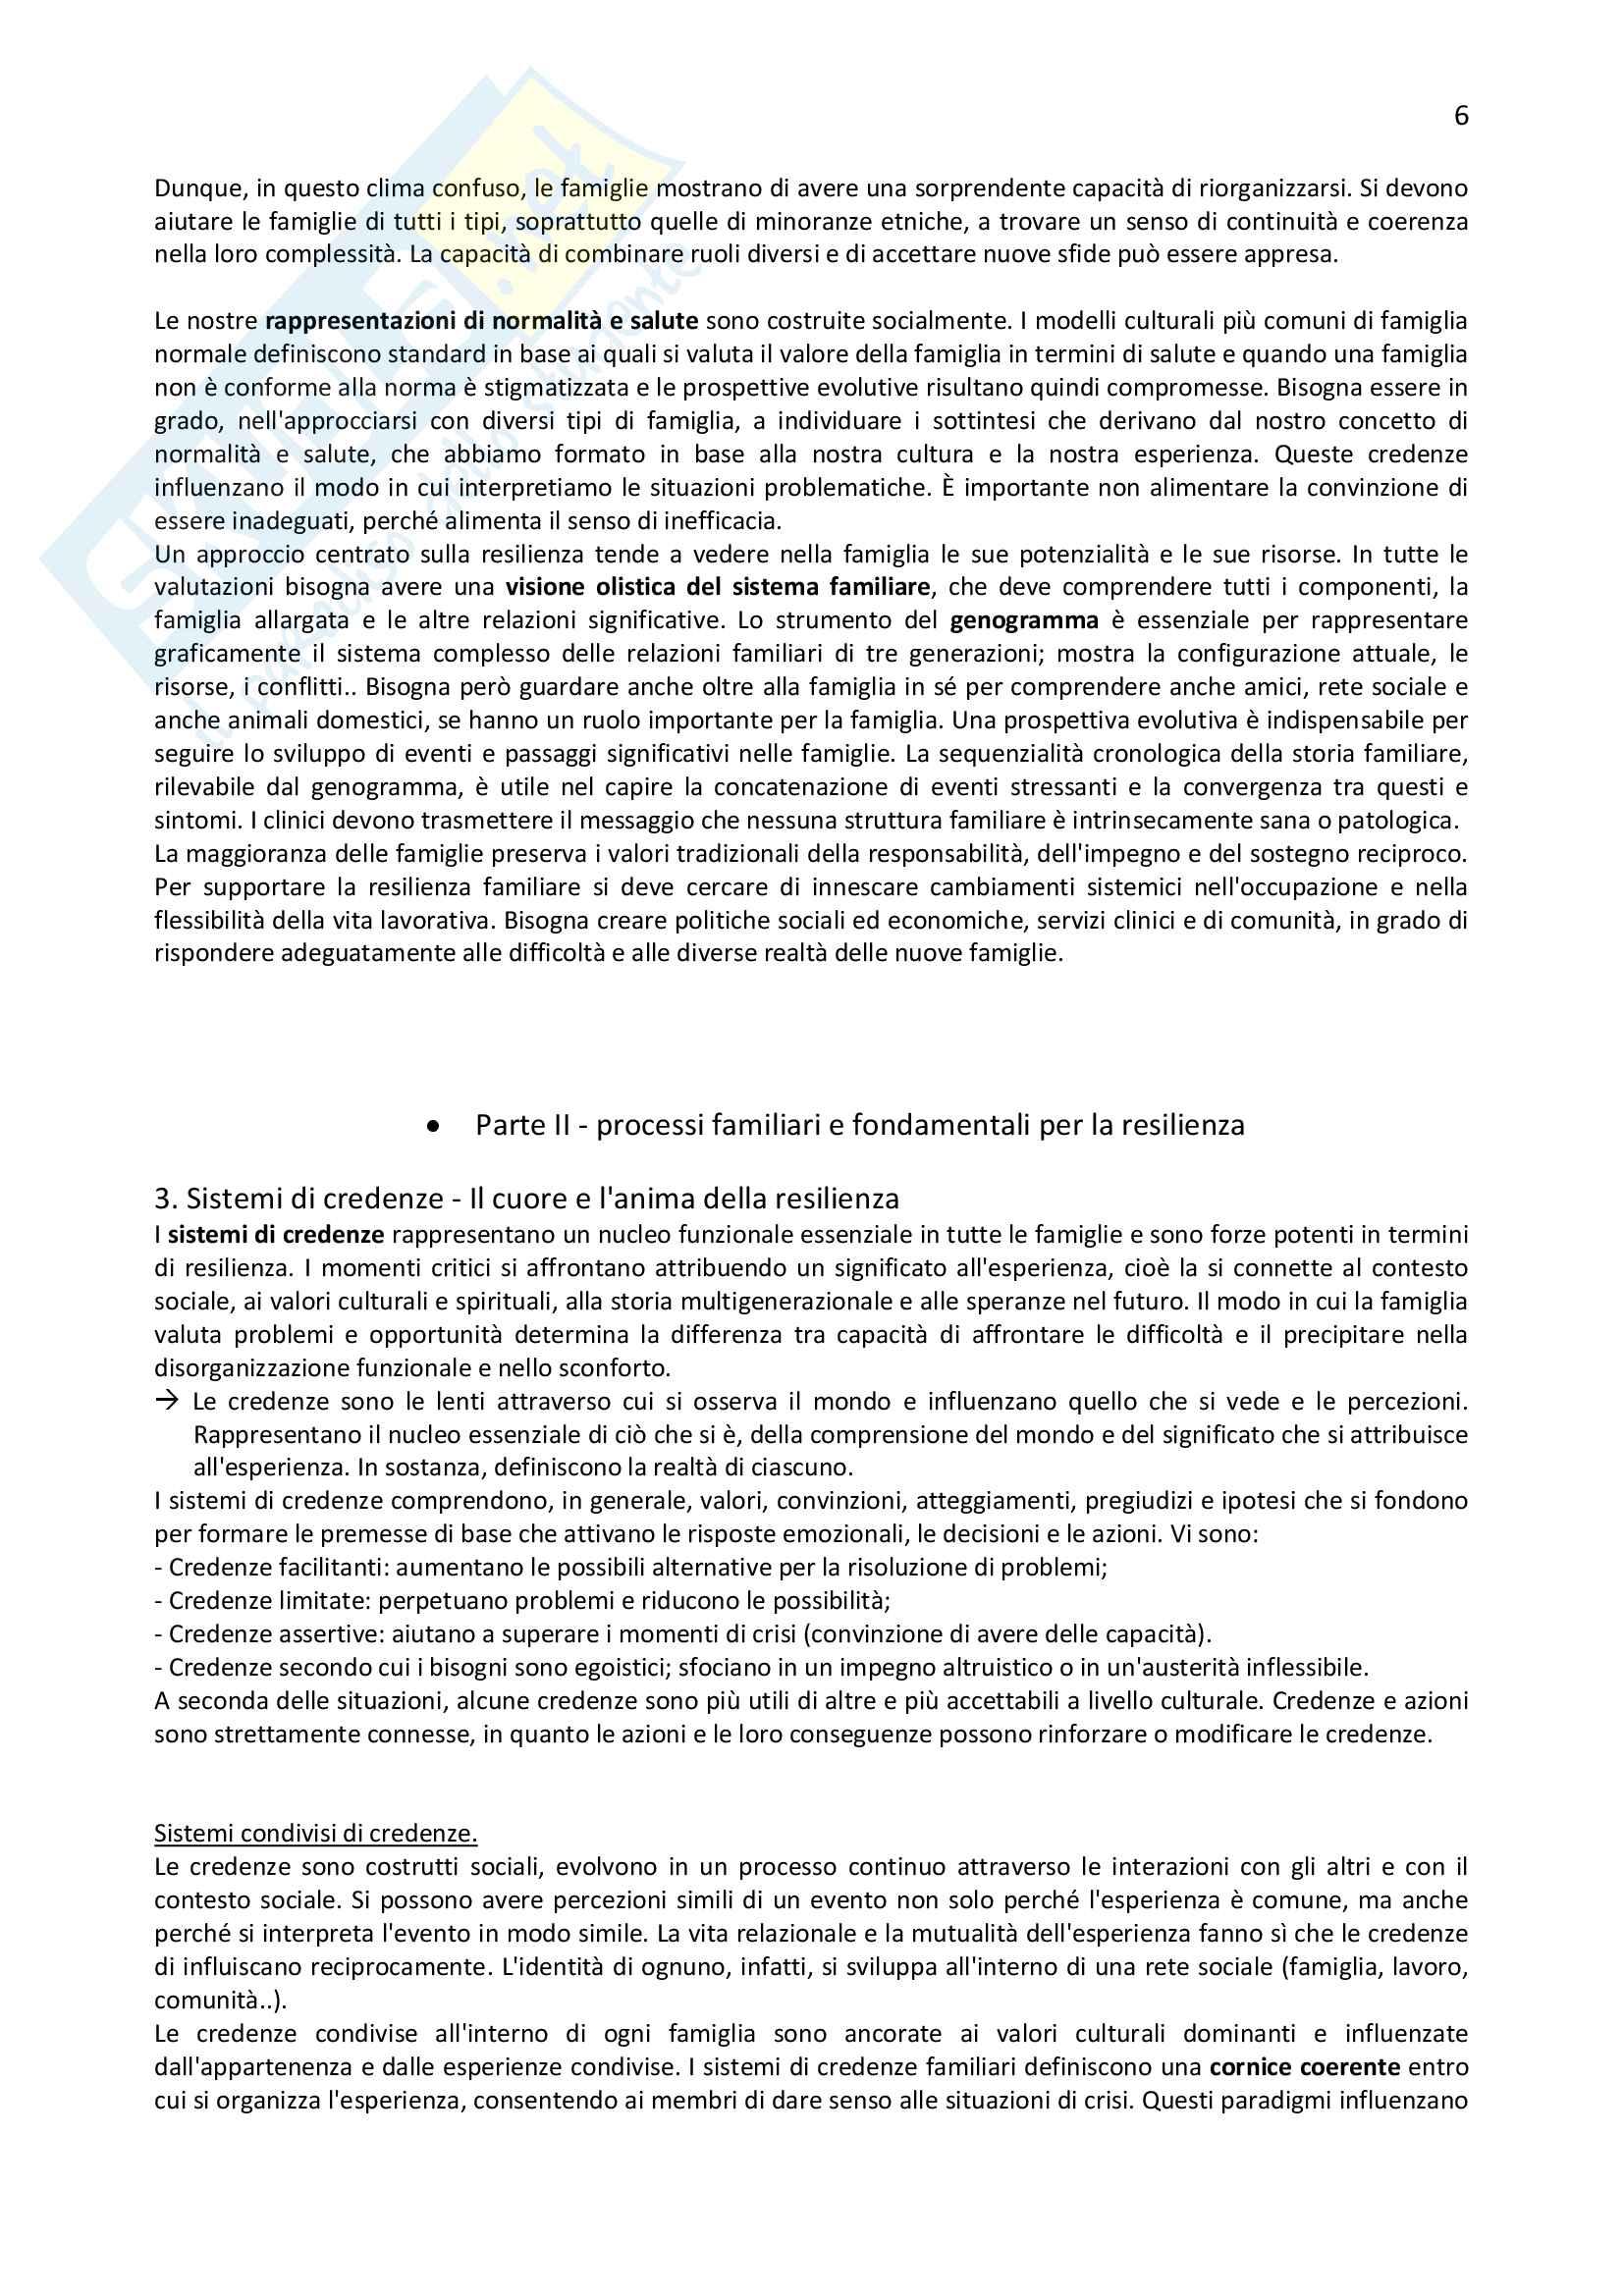 Riassunto per l'esame di Normalità e patologia delle relazioni familiari della prof.ssa Carli, libro consigliato La resilienza familiare Pag. 6